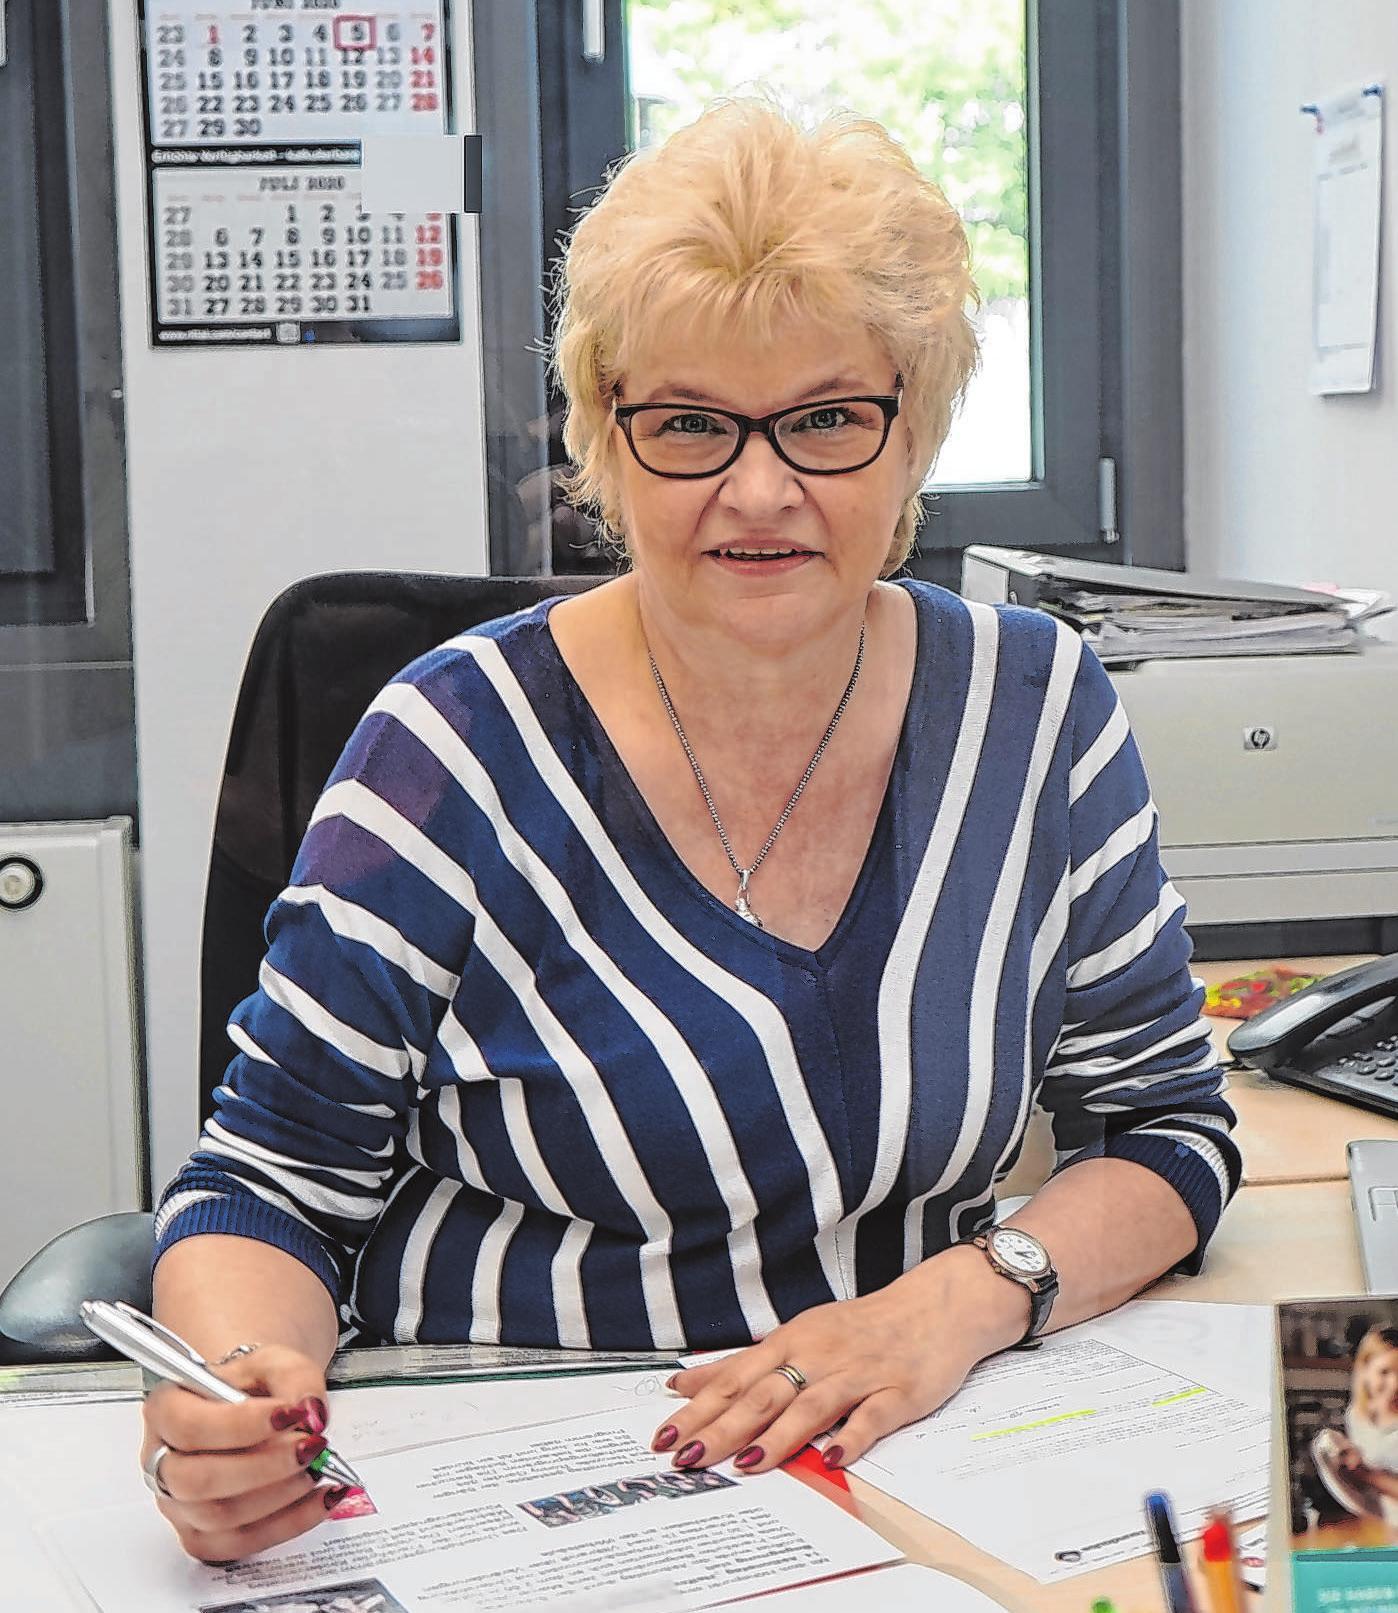 Martina Nikelski ist Sozialberaterin beim Pflegestützpunkt Frankfurt (Oder). Hier gibt es Informationen über Angebote für Senioren und Pflegebedürftige. Foto: Andrea Steinert